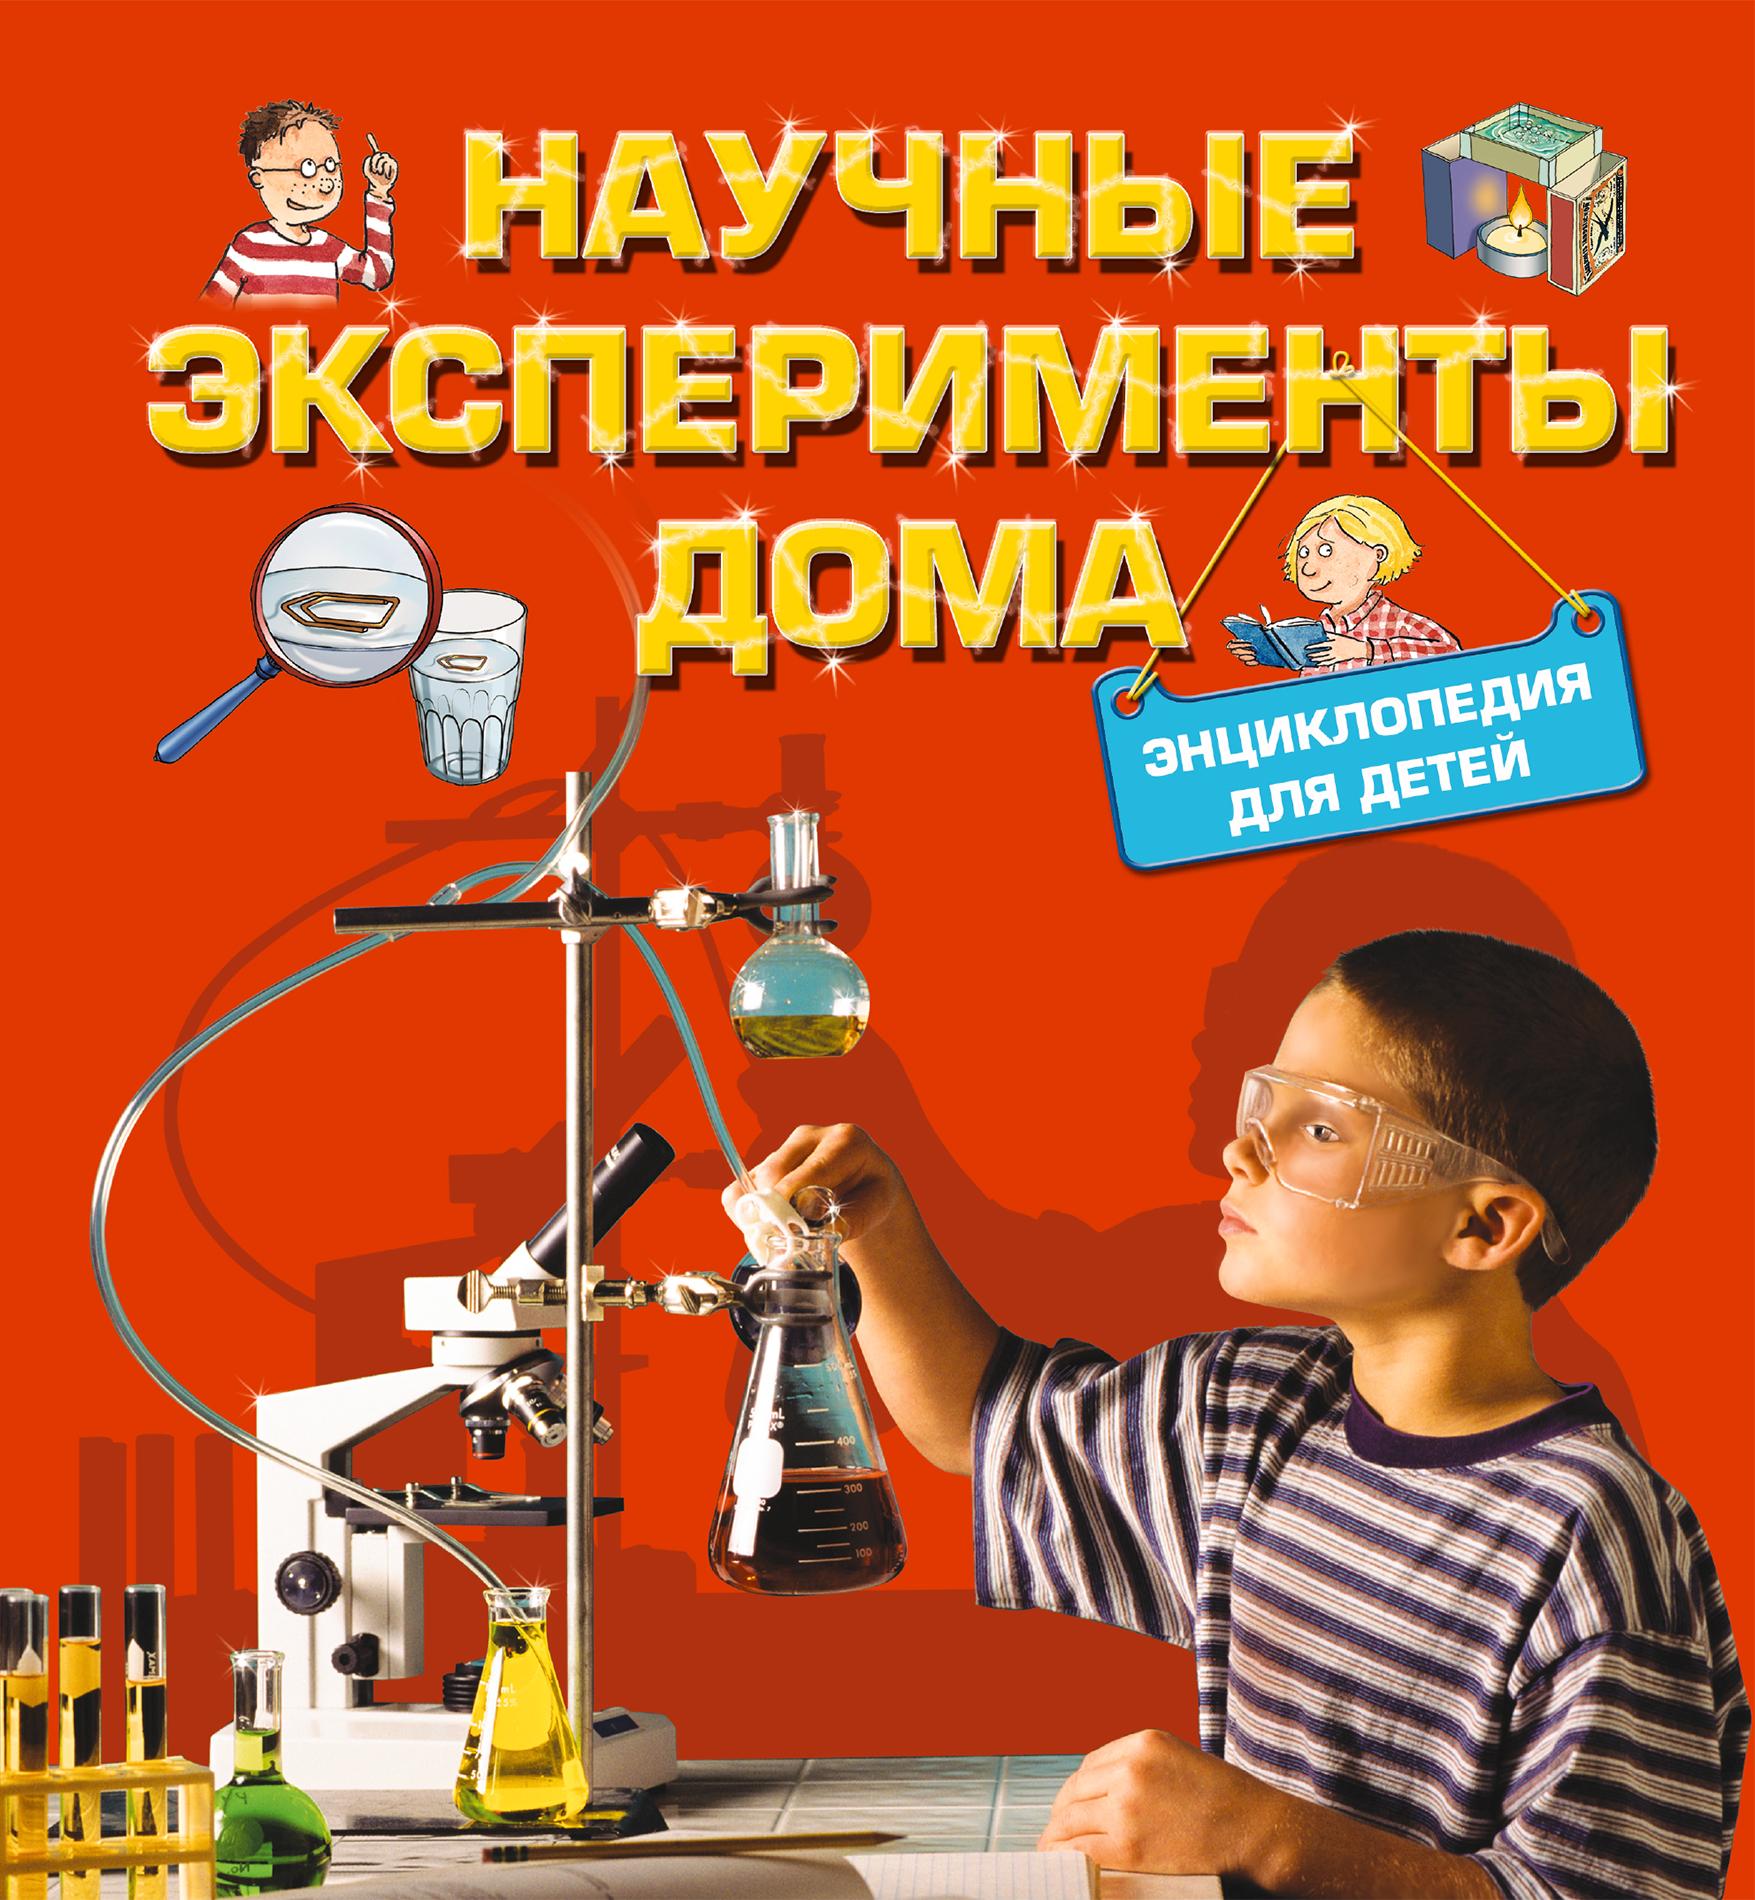 Геккер Й. 9+ Научные эксперименты дома. Энциклопедия для детей наушники противошумные dexx 11171